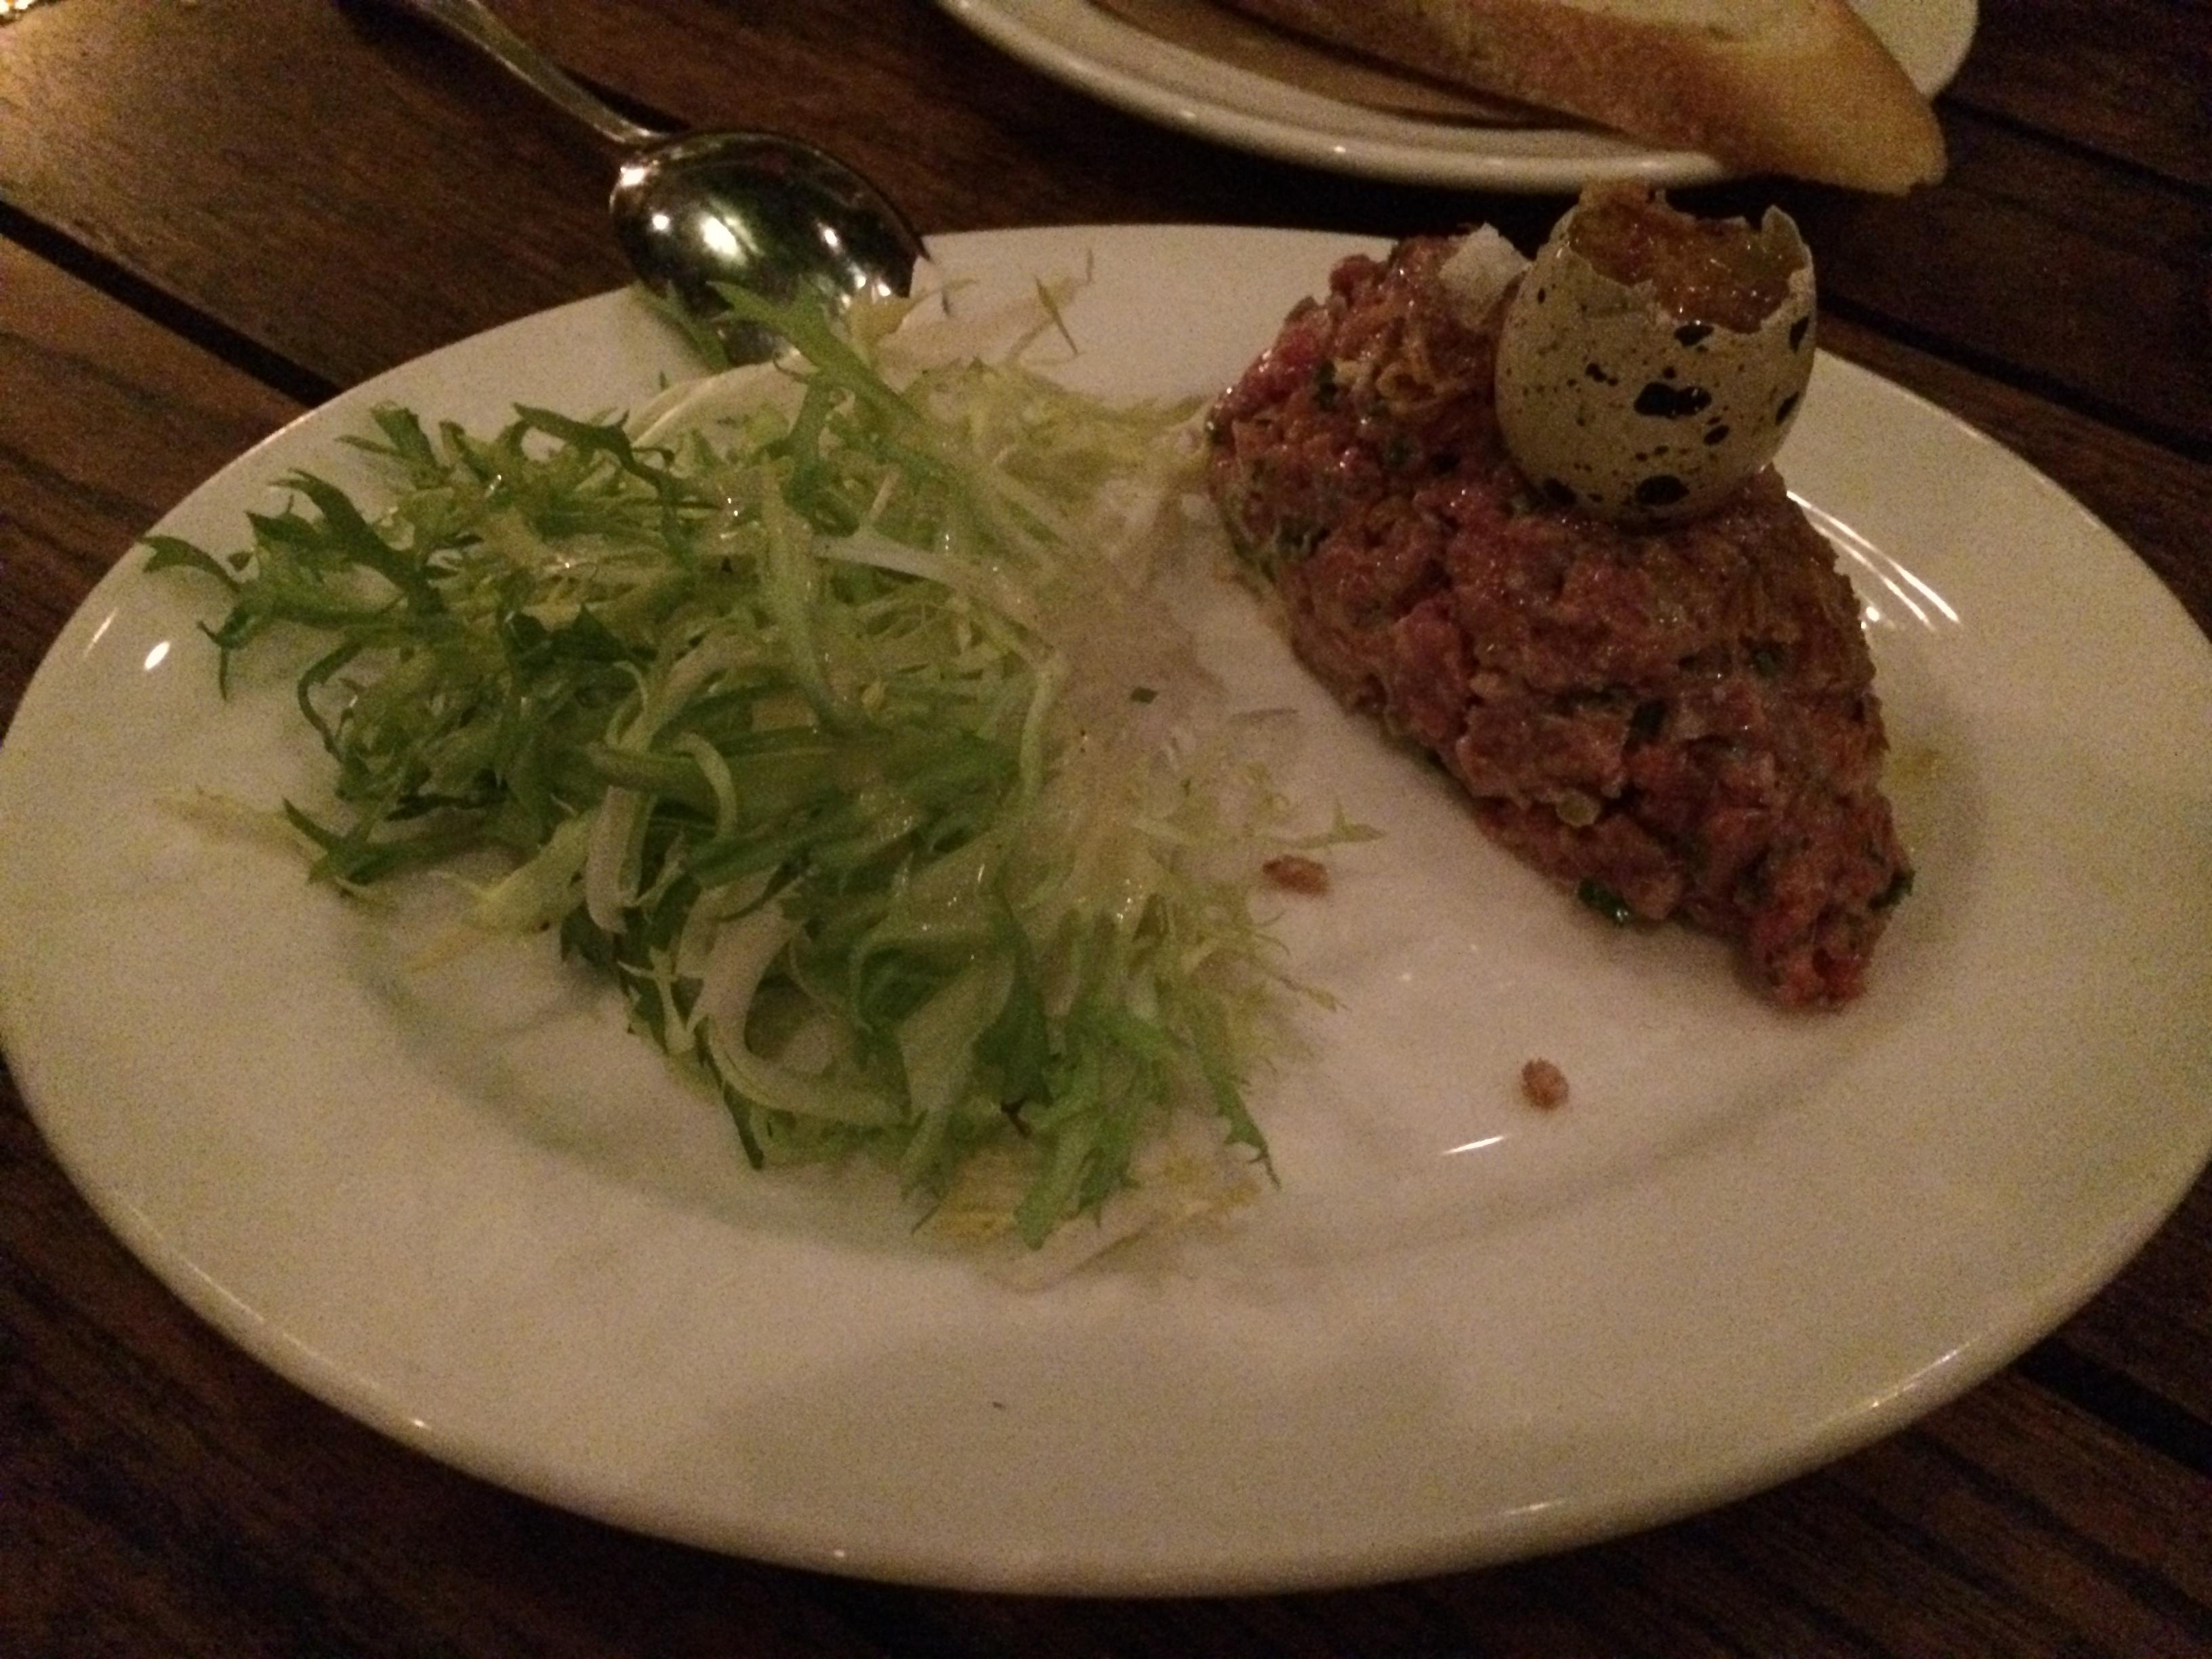 ... tartare guacamole classic steak tartare classic steak tartare simple